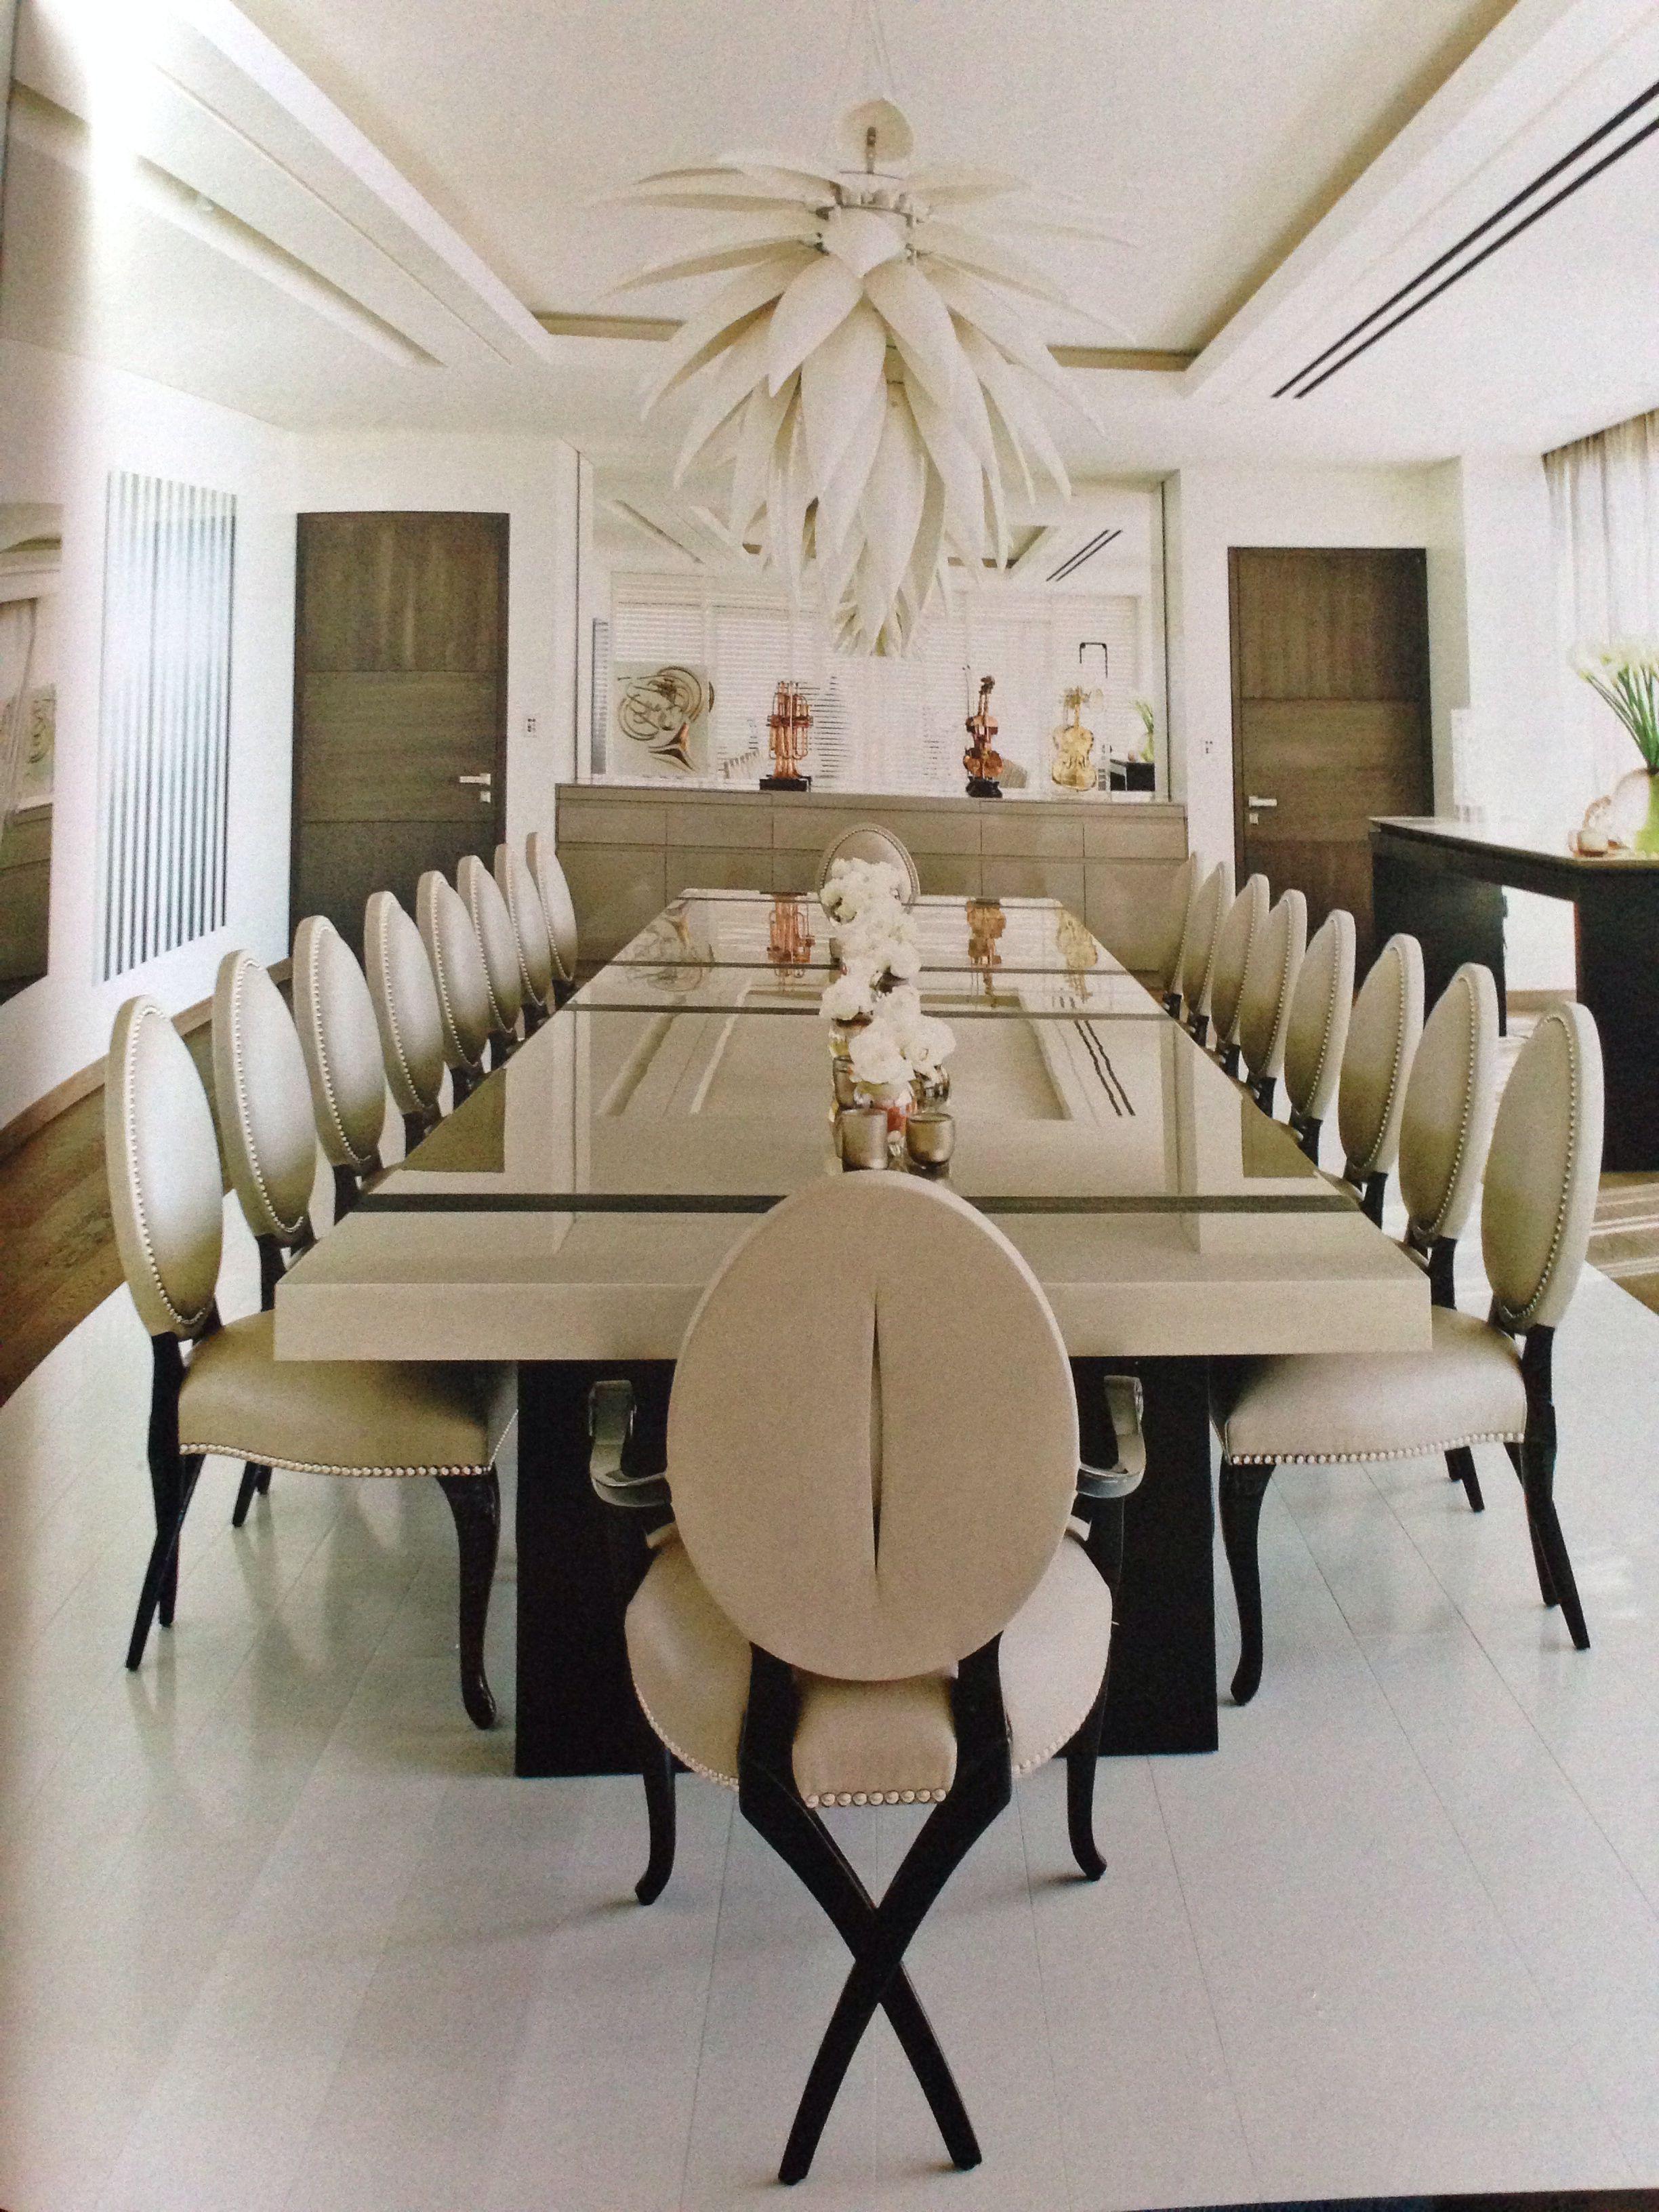 Decorating Room Ideas Living Formal Room Dining